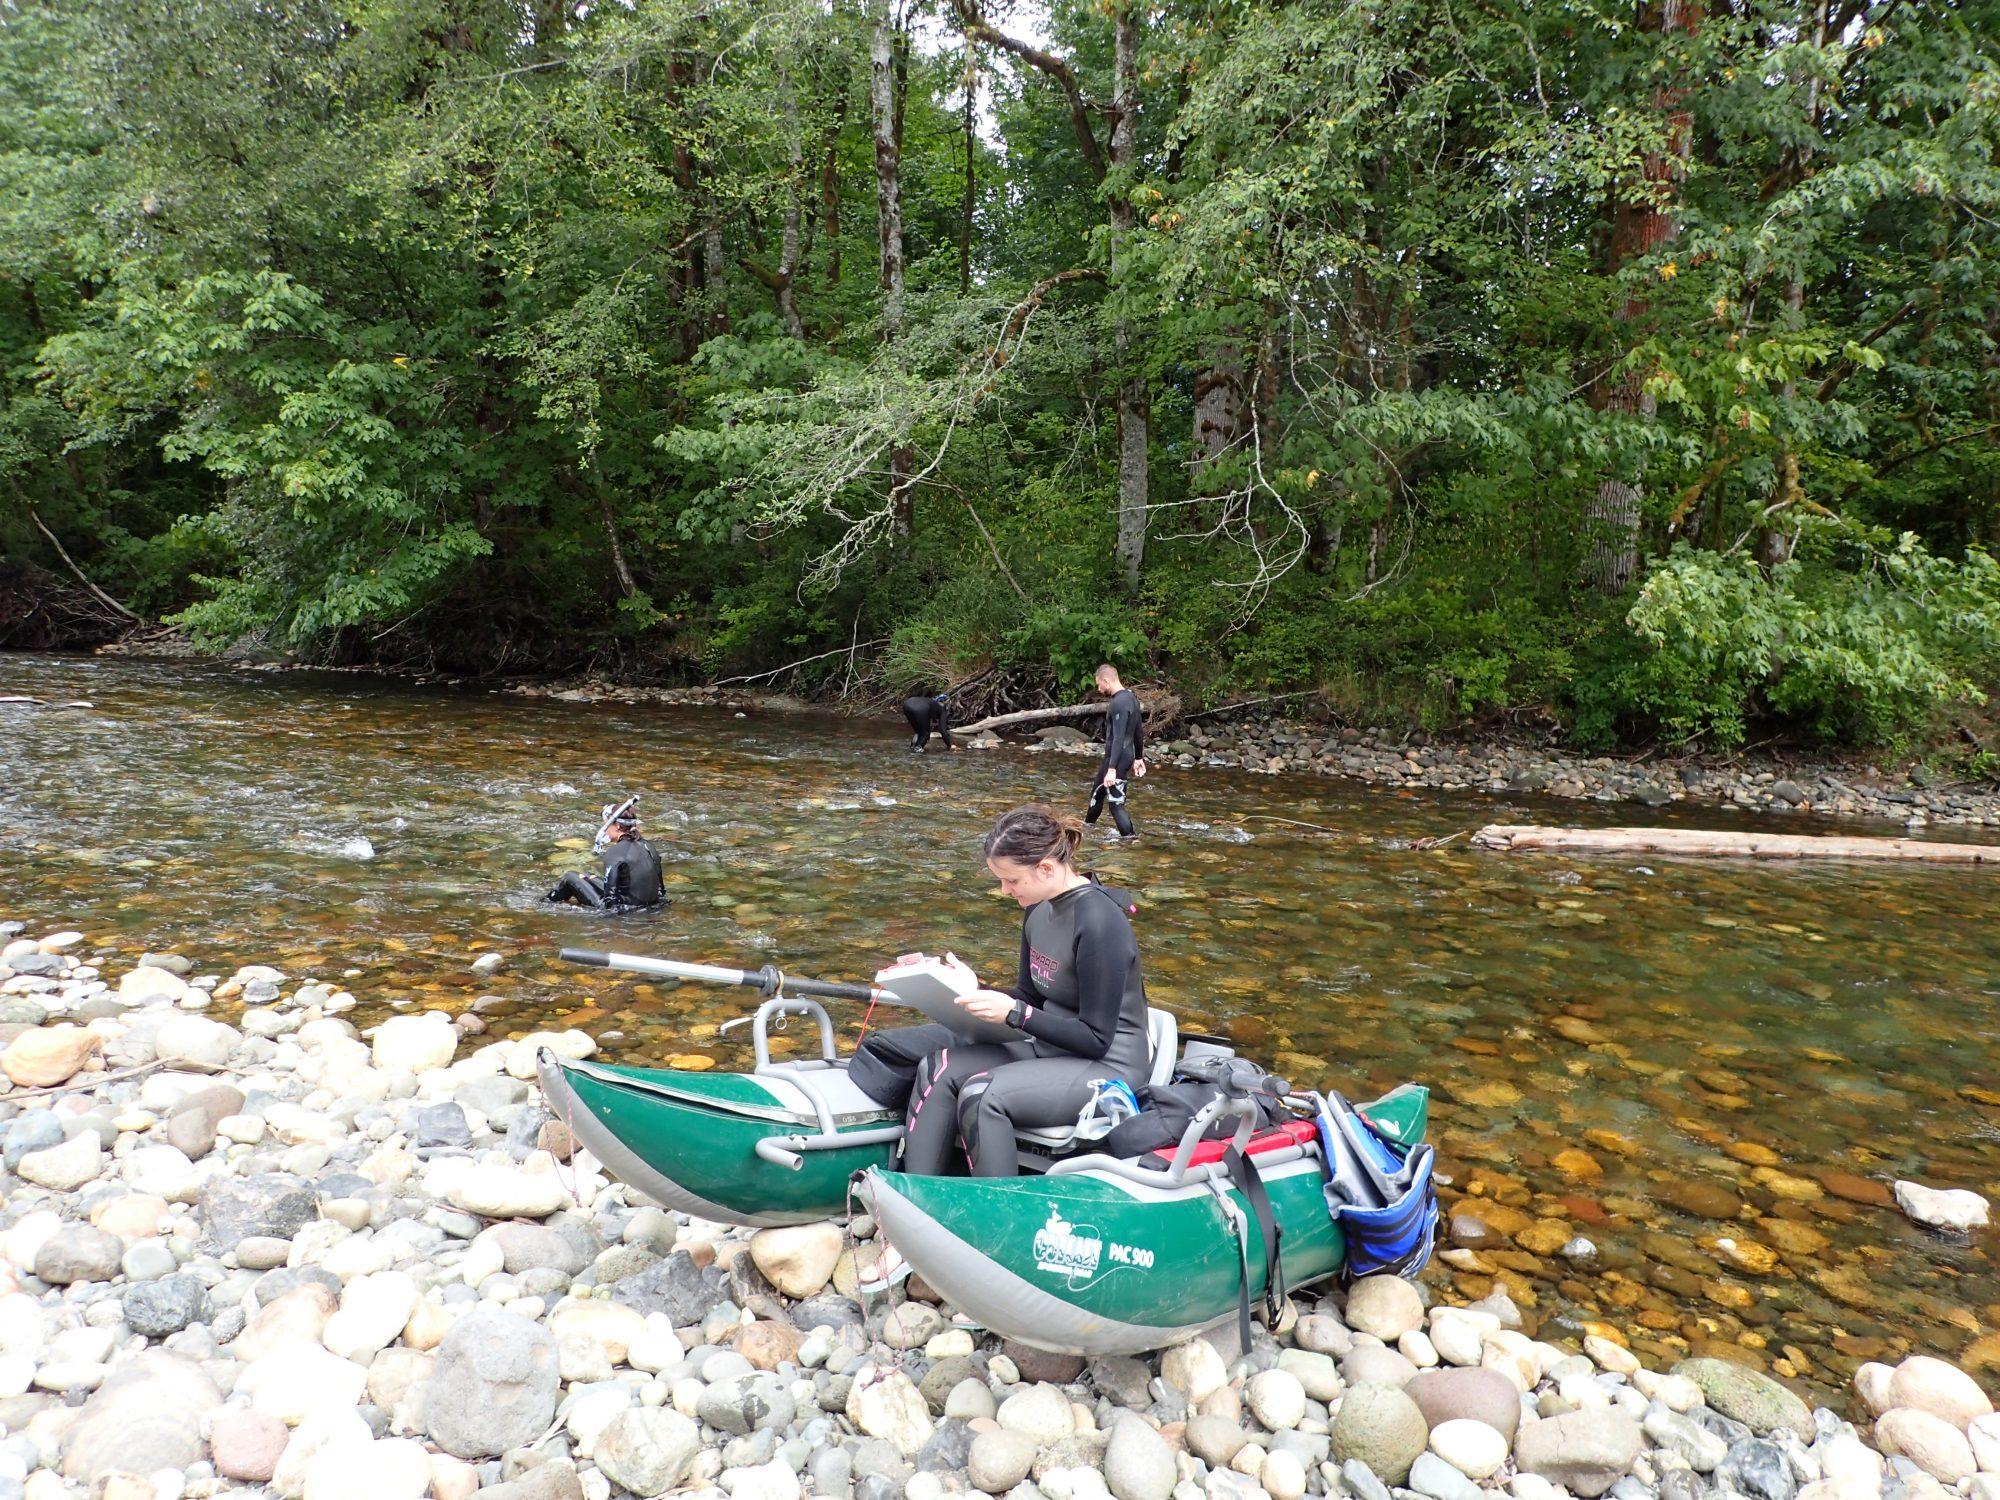 Snorkel team sets up for surveying in the North Fork Stillaguamish River